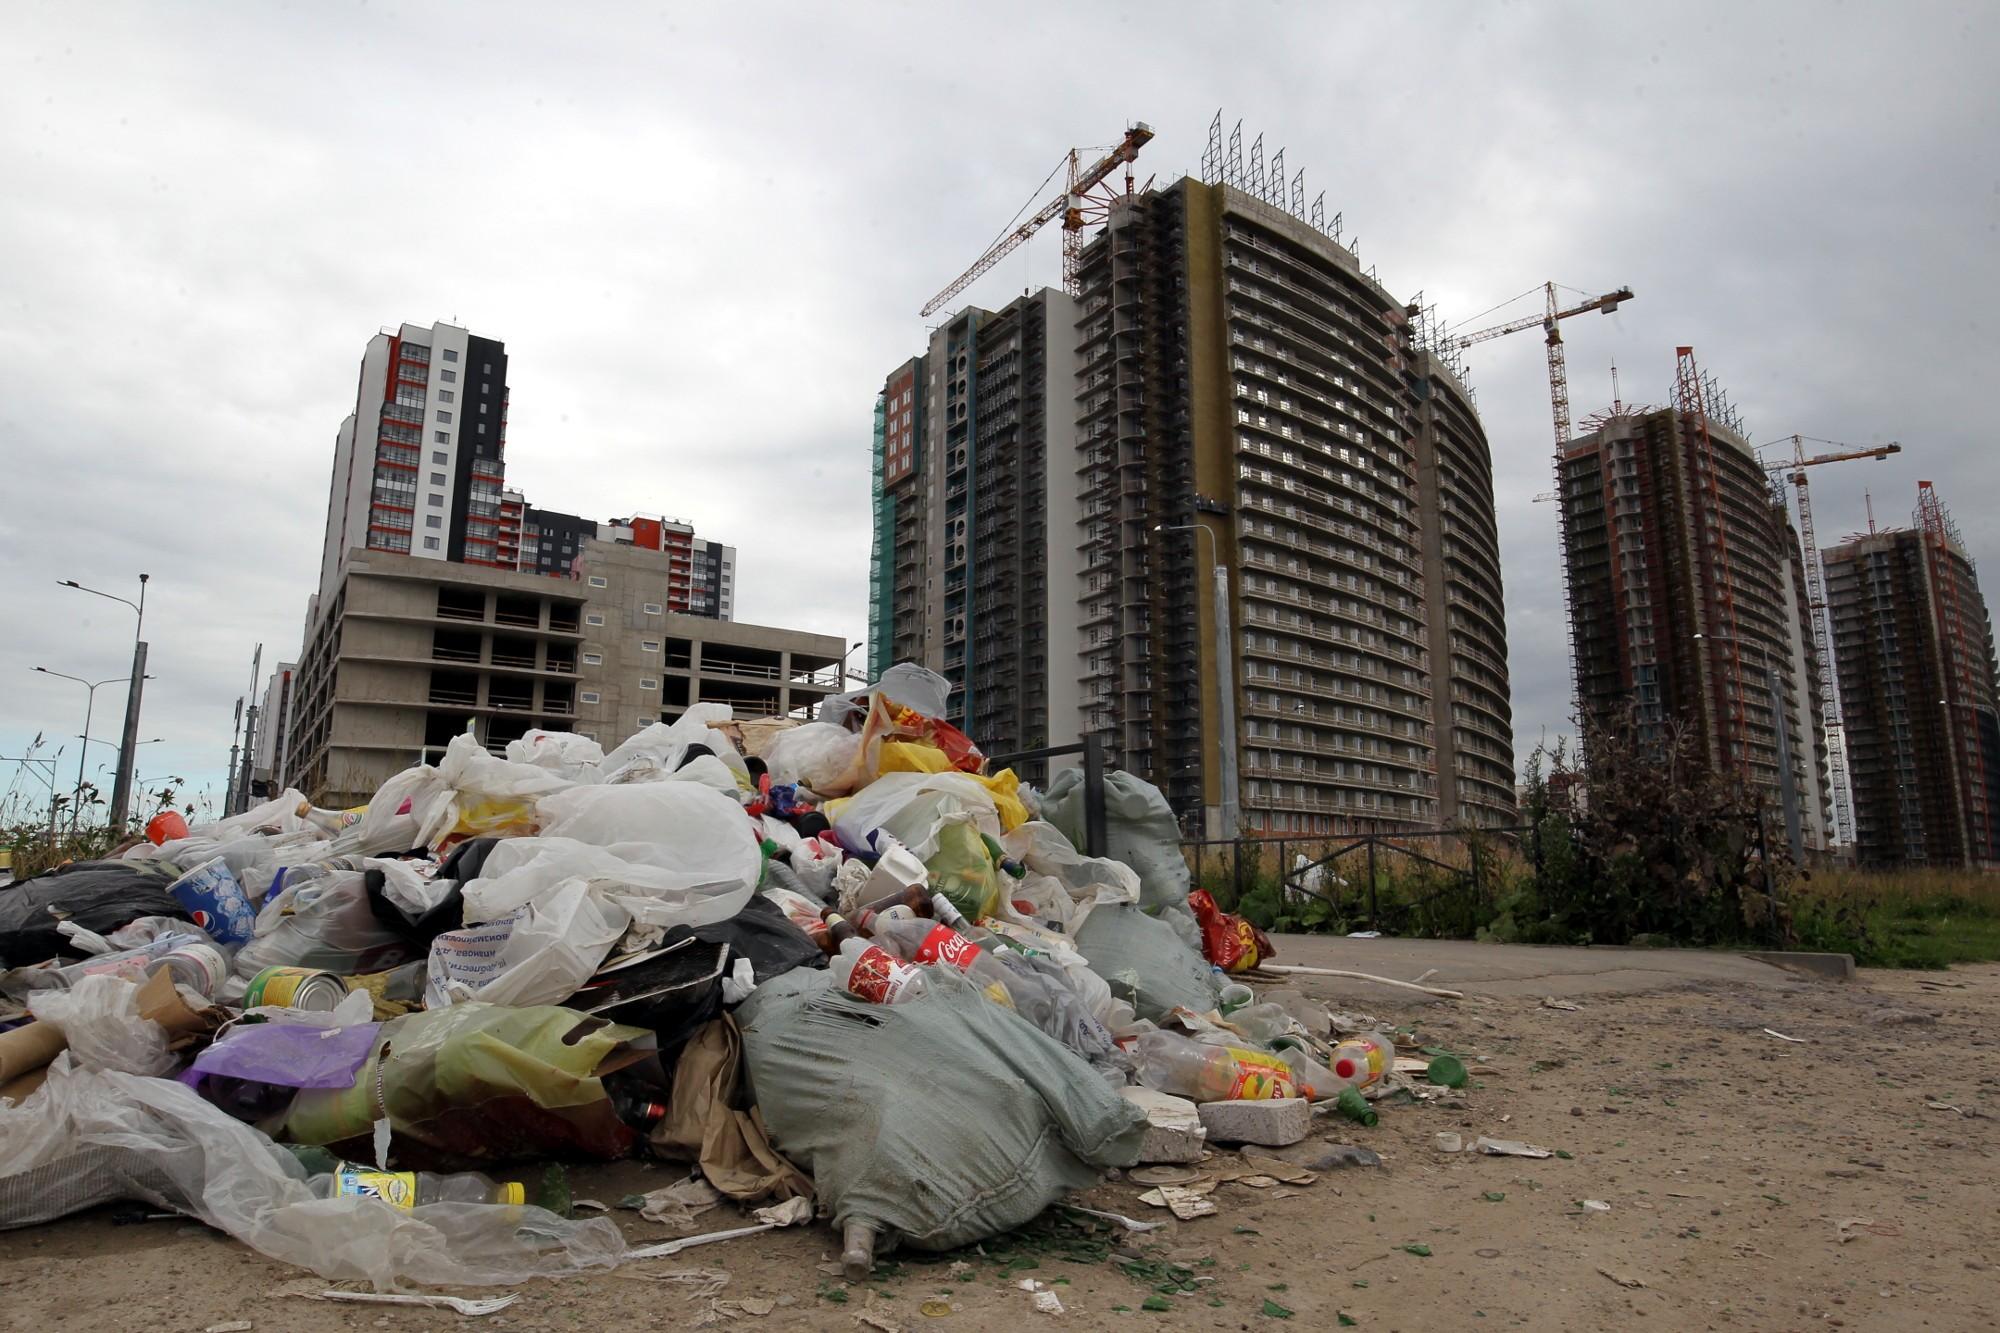 помойка отходы мусор несанкционированная свалка экология